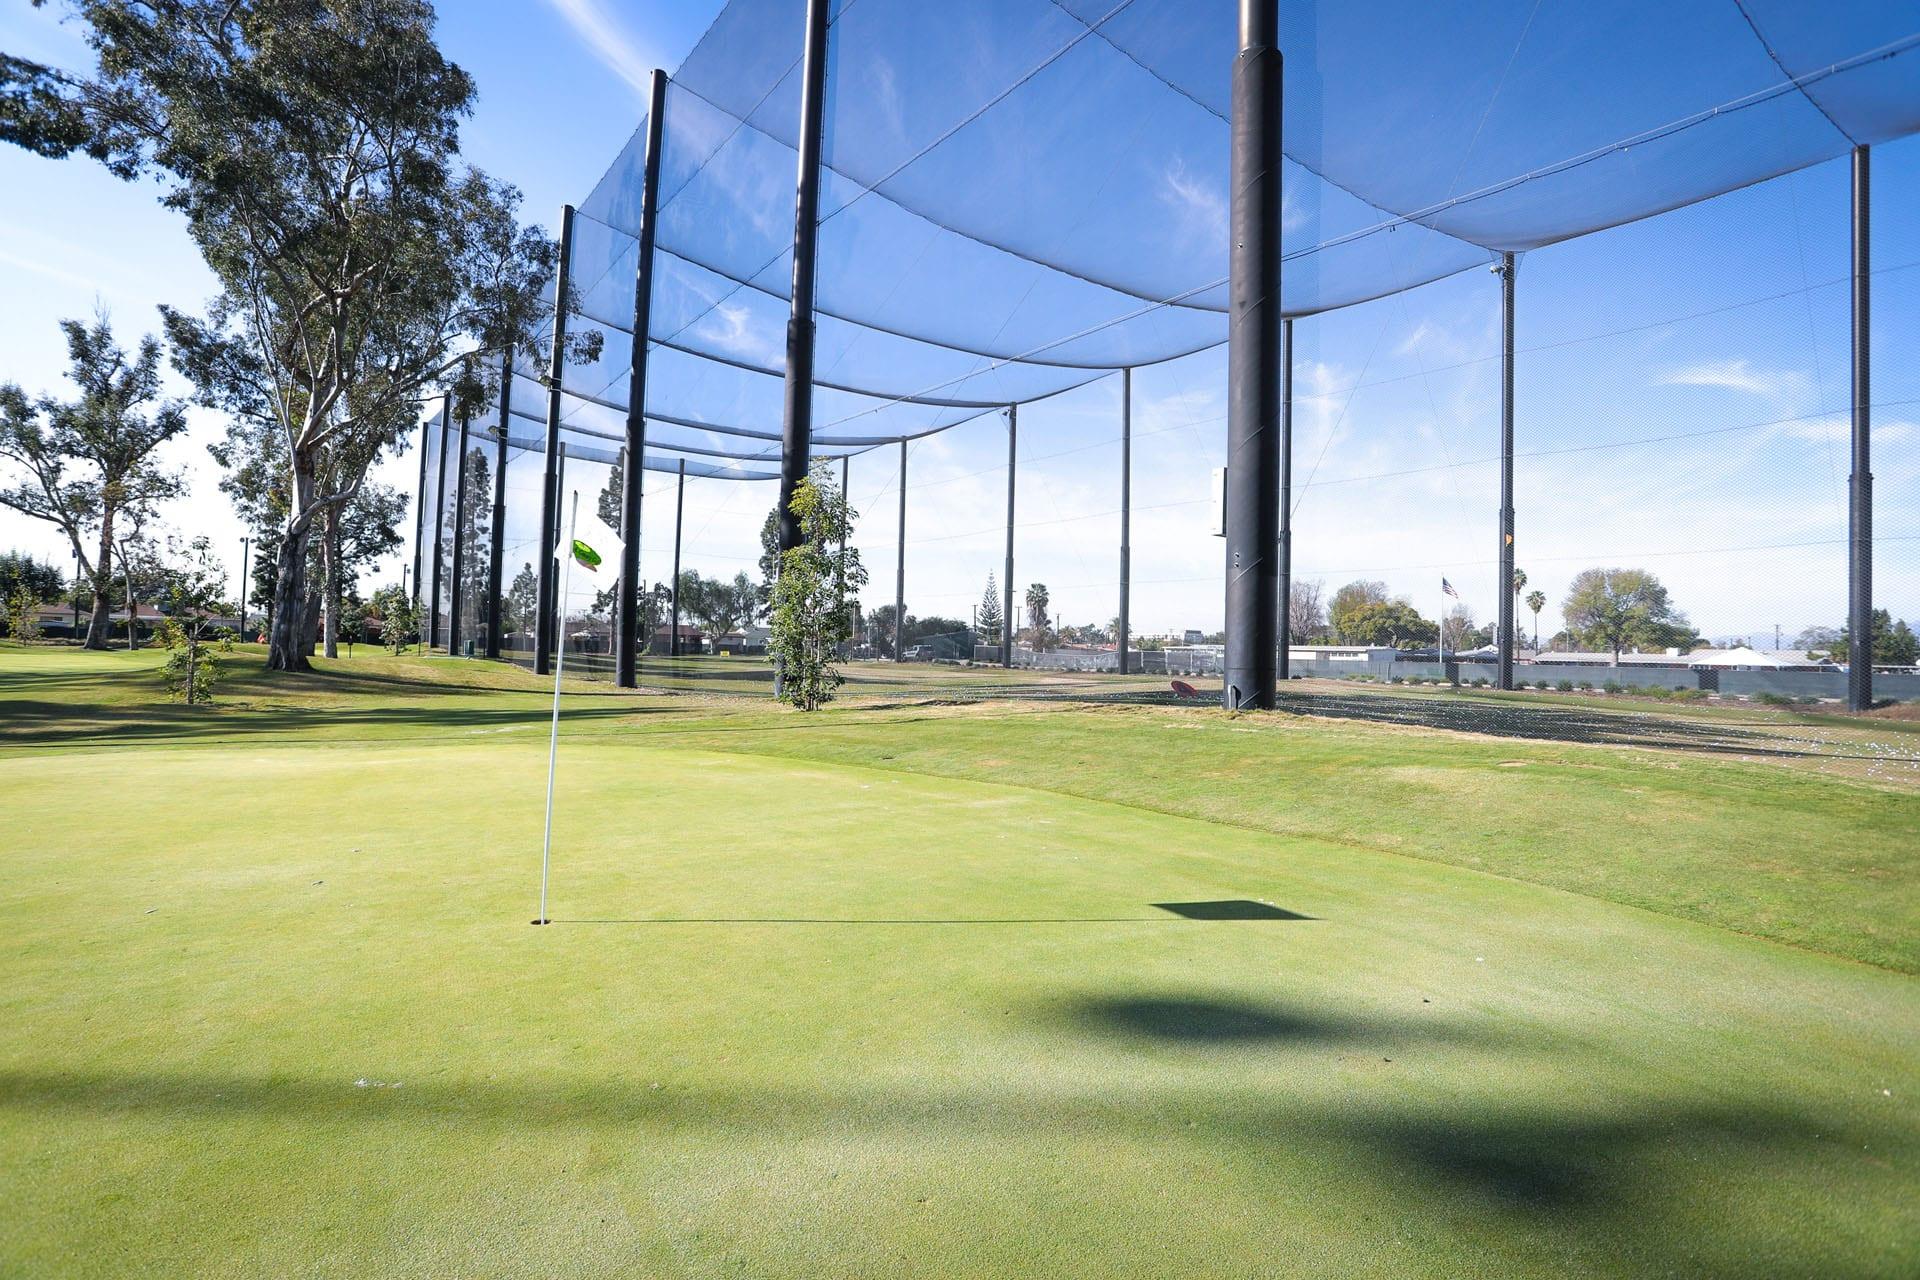 Golf court net